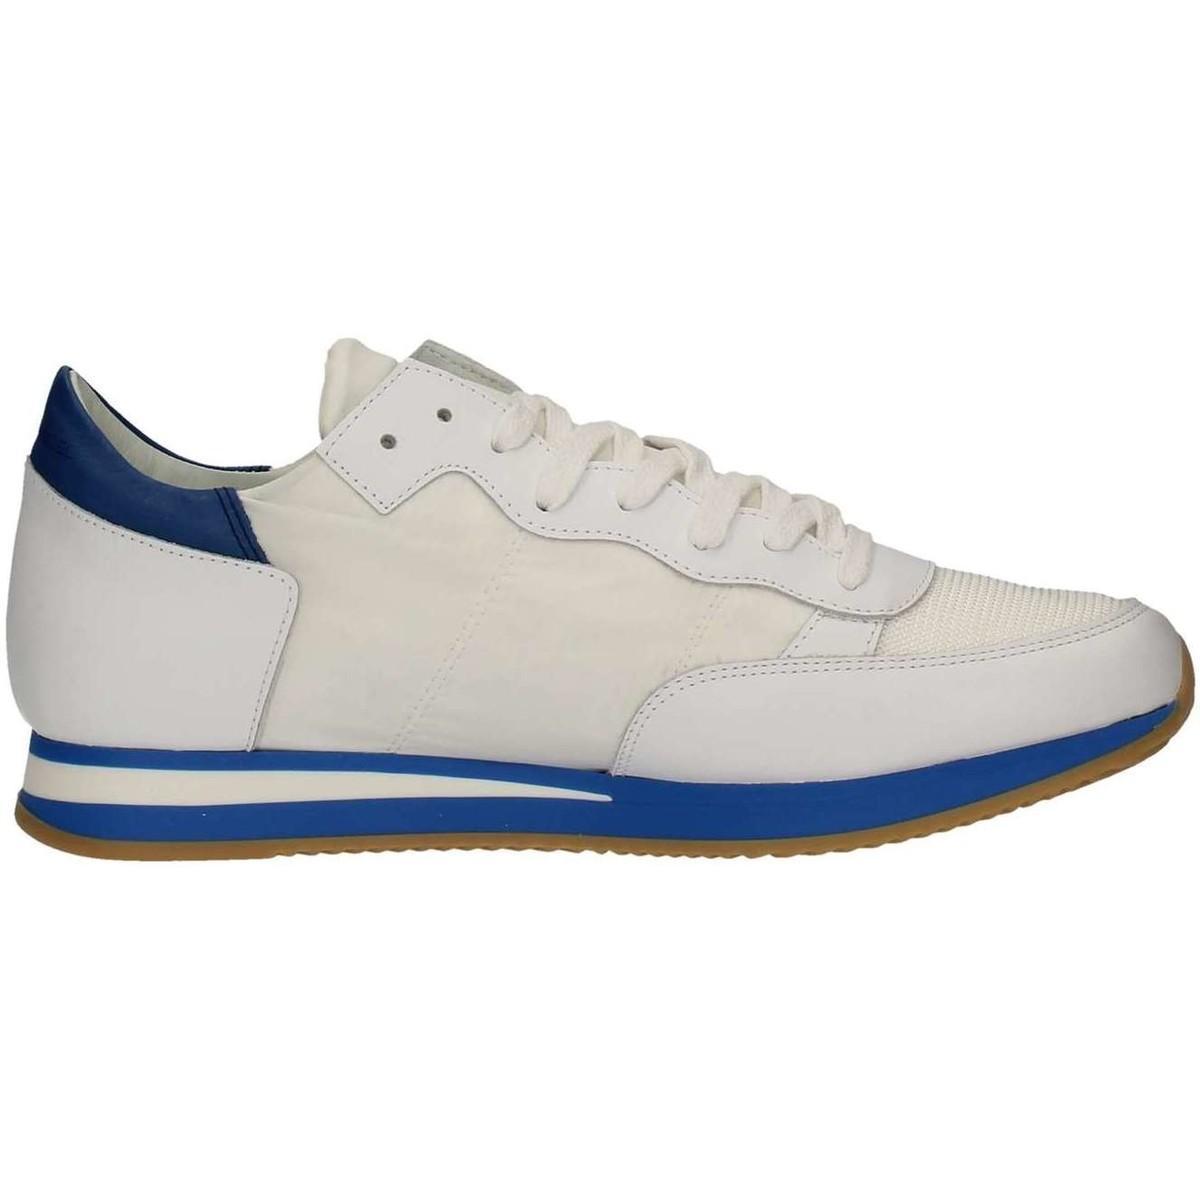 TRLUNV05 Chaussures Philippe Model pour homme en coloris Blanc